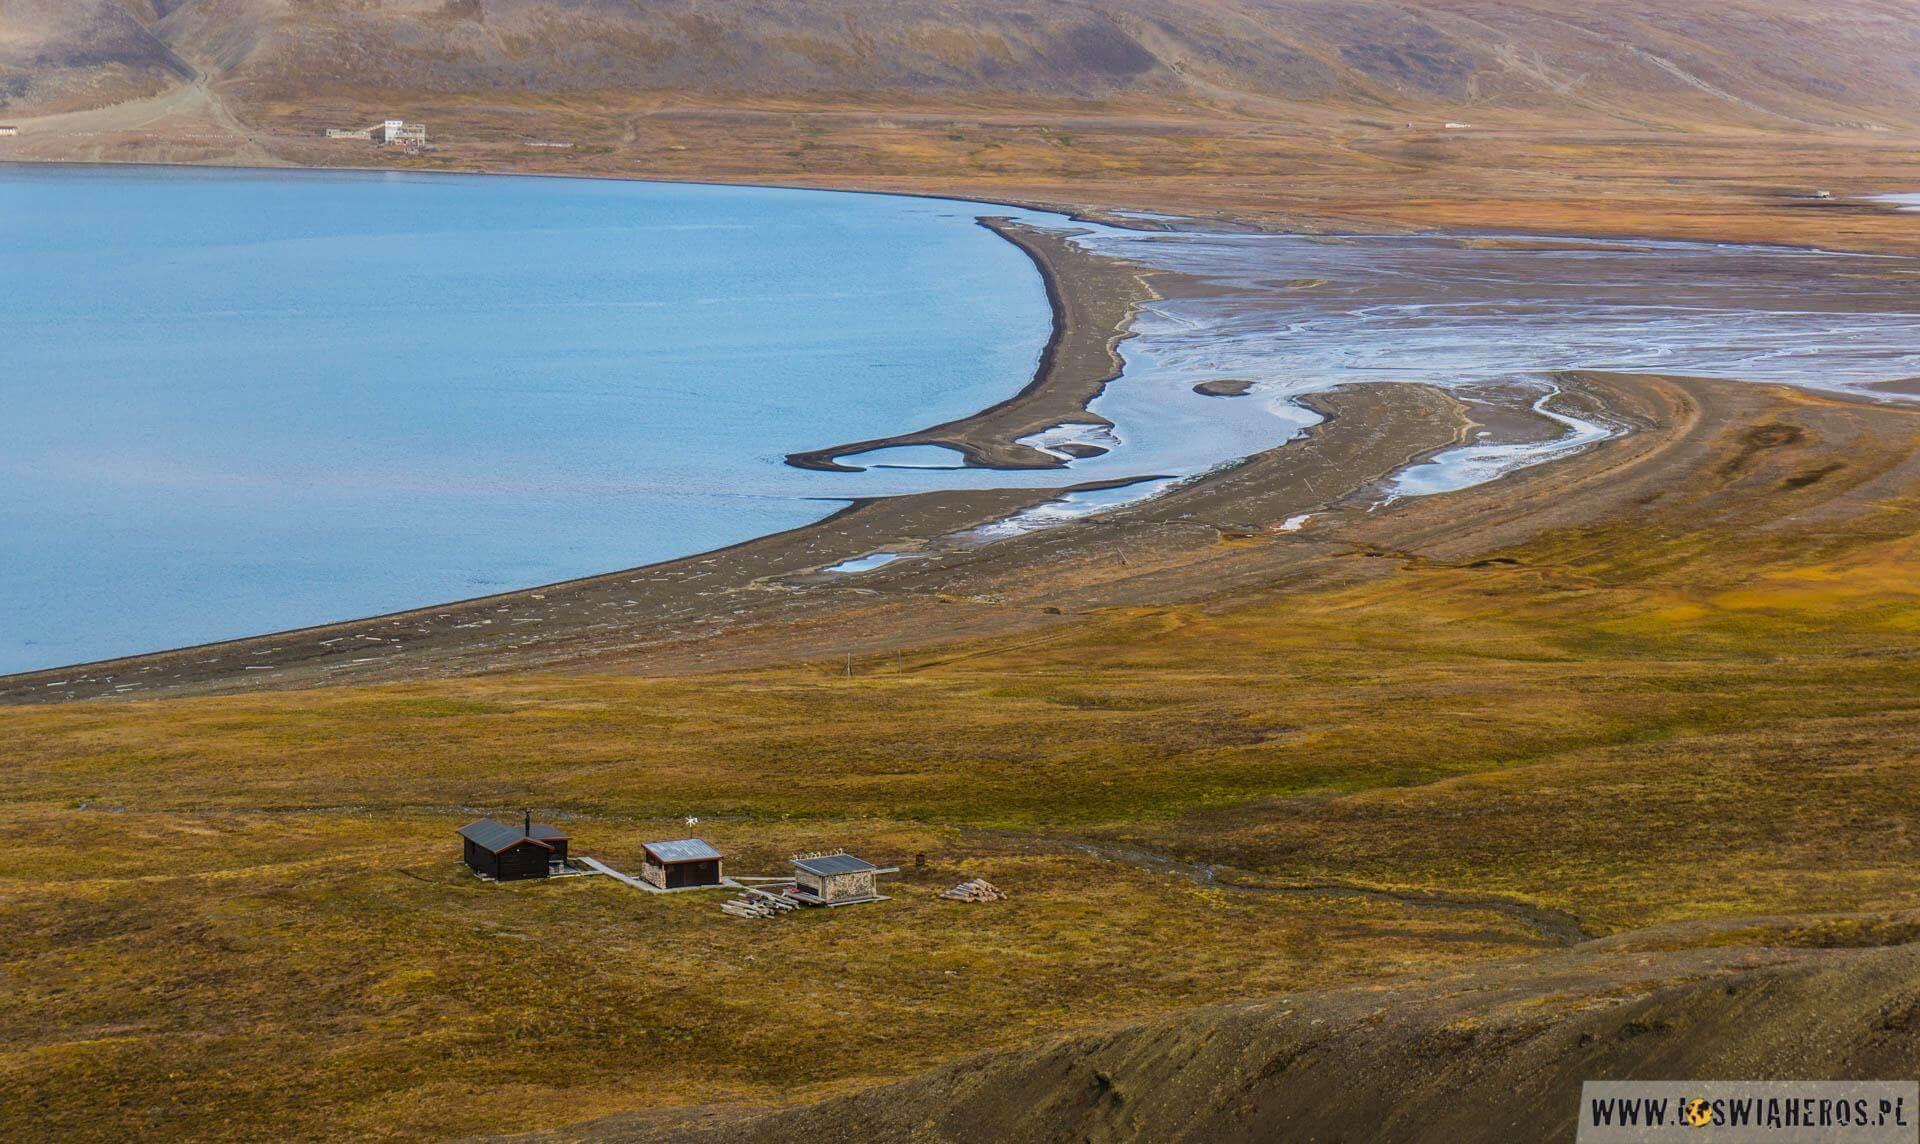 Delta arktycznej rzeczki. Przejście odcinka od tych domków u dołu zdjęcia, do tych po drugiej stronie bagnistej delty zajęło nam ponad 3 godziny. To był jeden z trudniejszych momentów w tym trekingu, bo ani to rzeka, do przejścia której można by się rozebrać, ani mokra tundra, po której trzeba iść po prostu szybko, aby nas nie zassało.